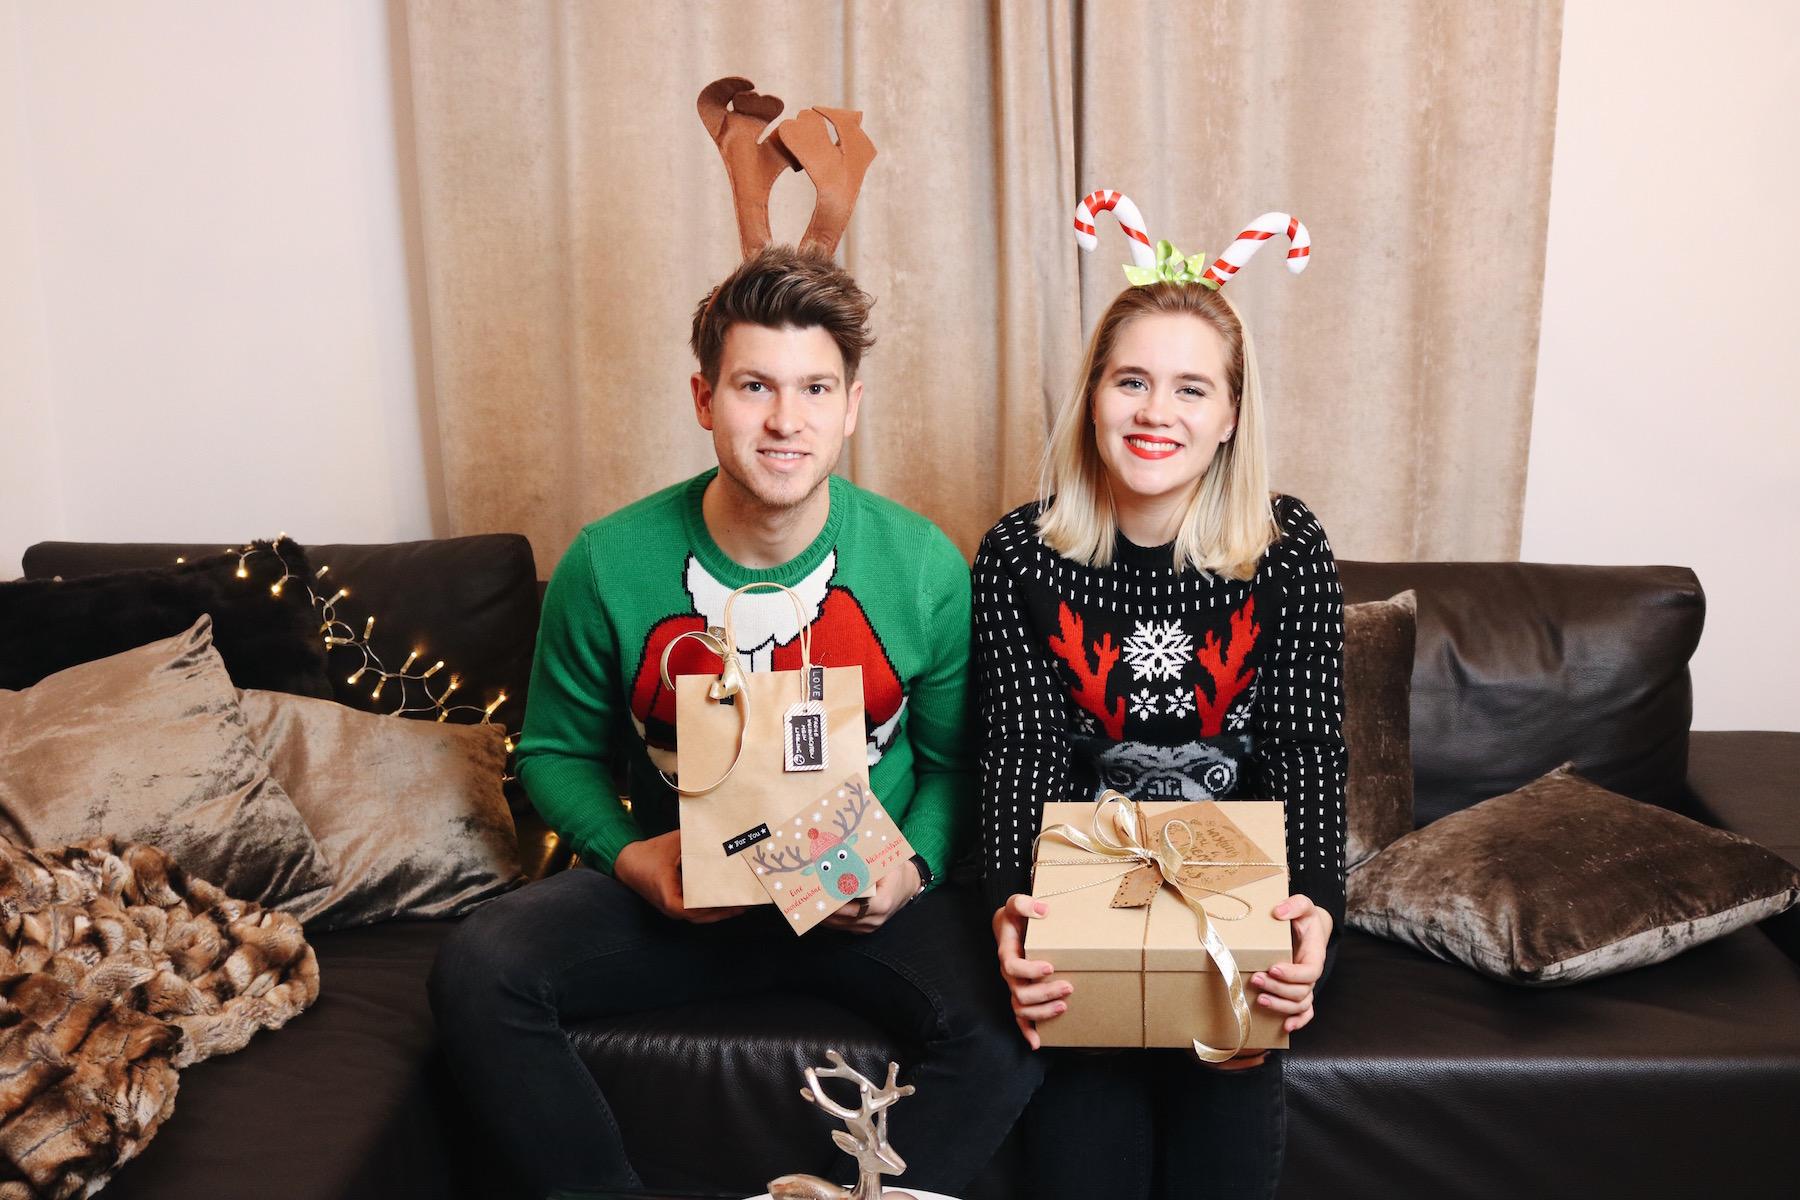 freude schenken weihnachtsgeschenksideen f r die. Black Bedroom Furniture Sets. Home Design Ideas